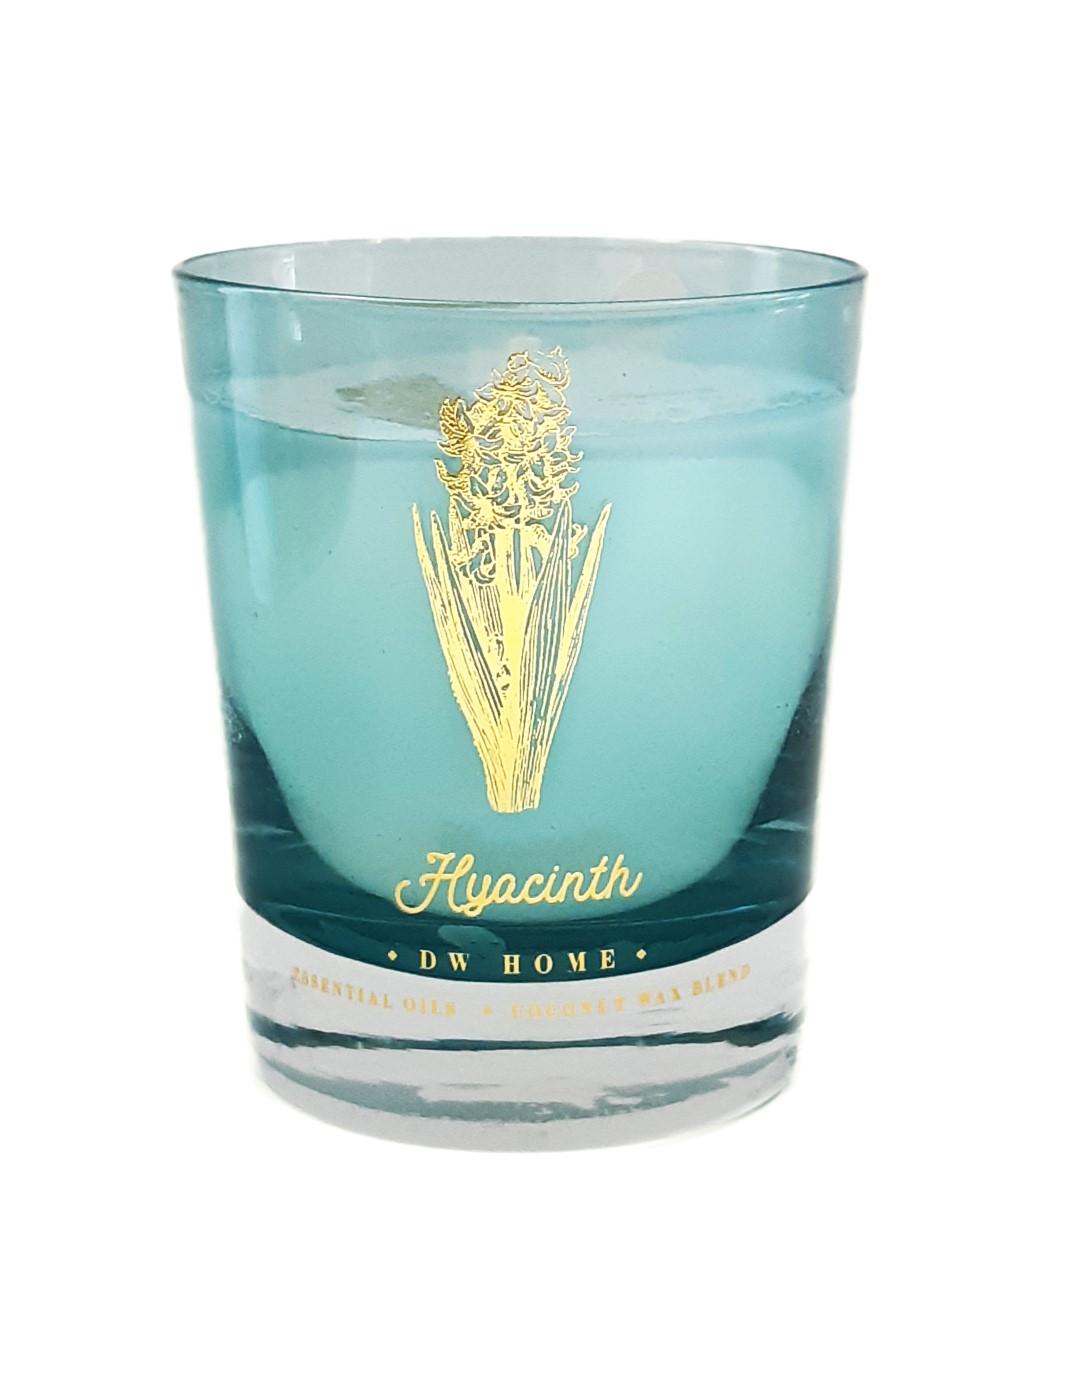 נר בכלי זכוכית עם בסיס עבה ועיטור זהב - Hyacinth